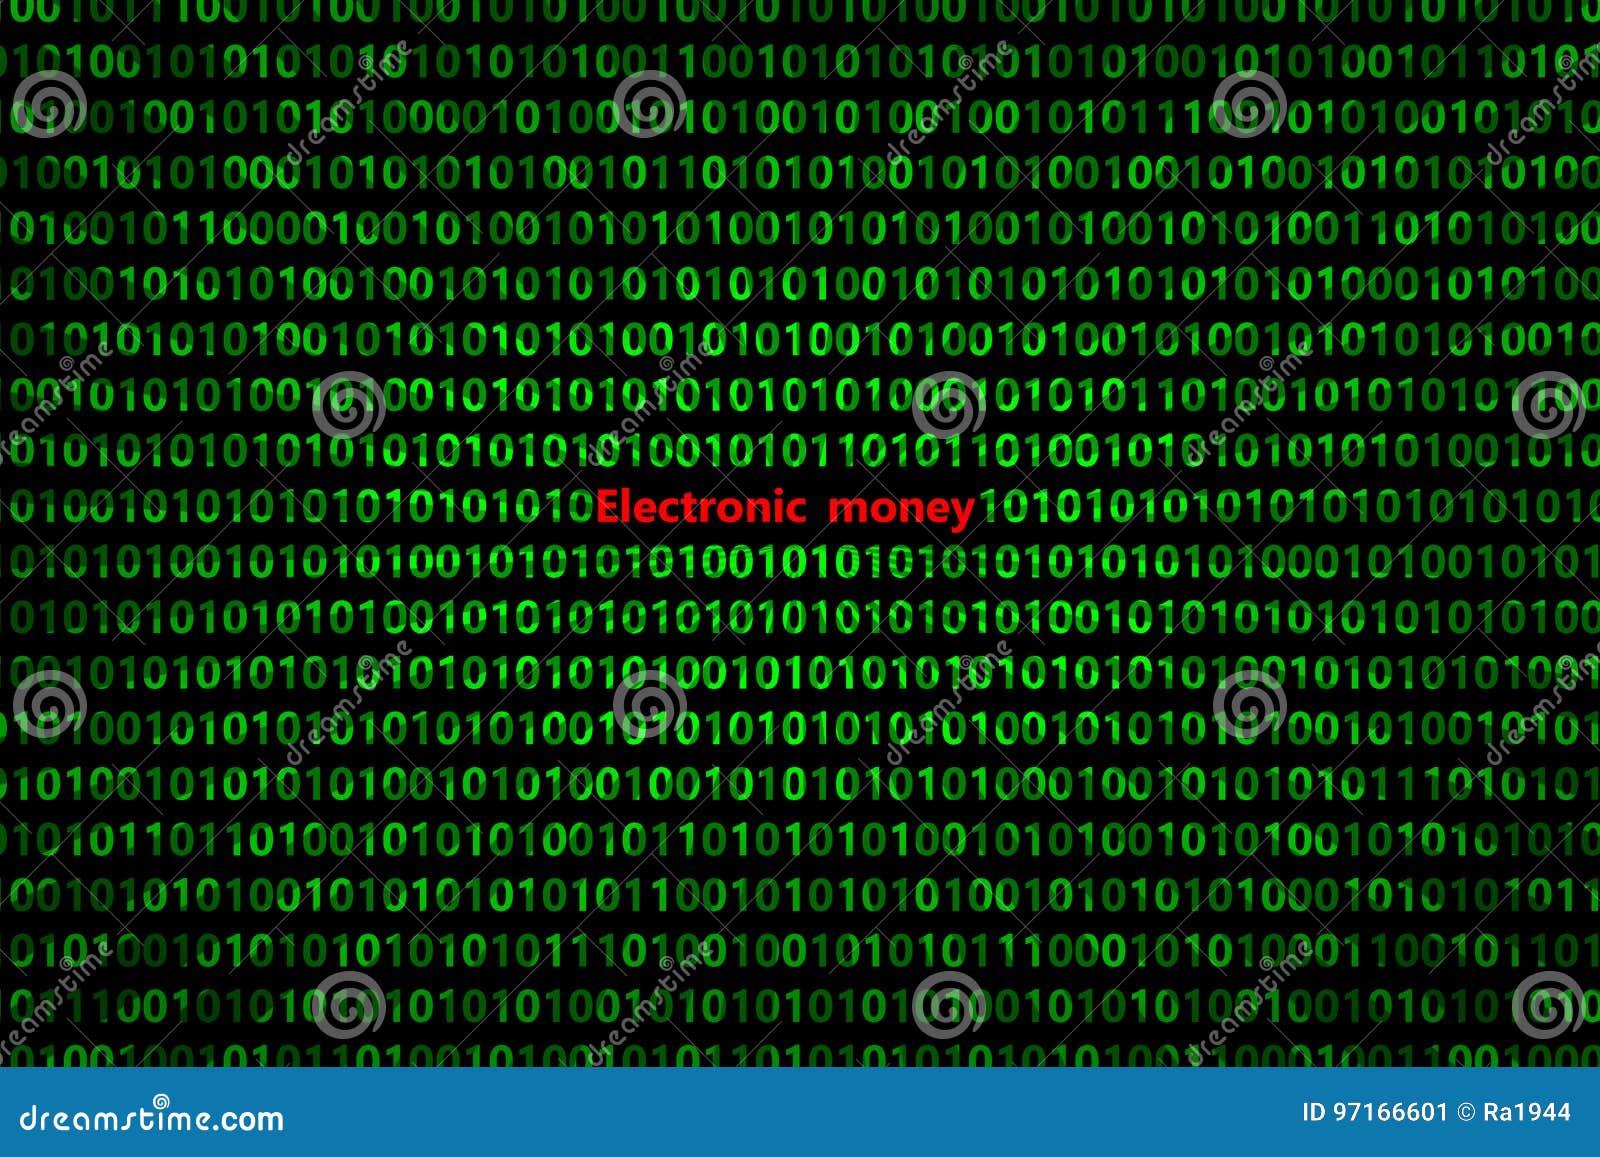 O close up do código binário, com os raios radiais do ` do dinheiro eletrônico do ` da inscrição diverge da inscrição